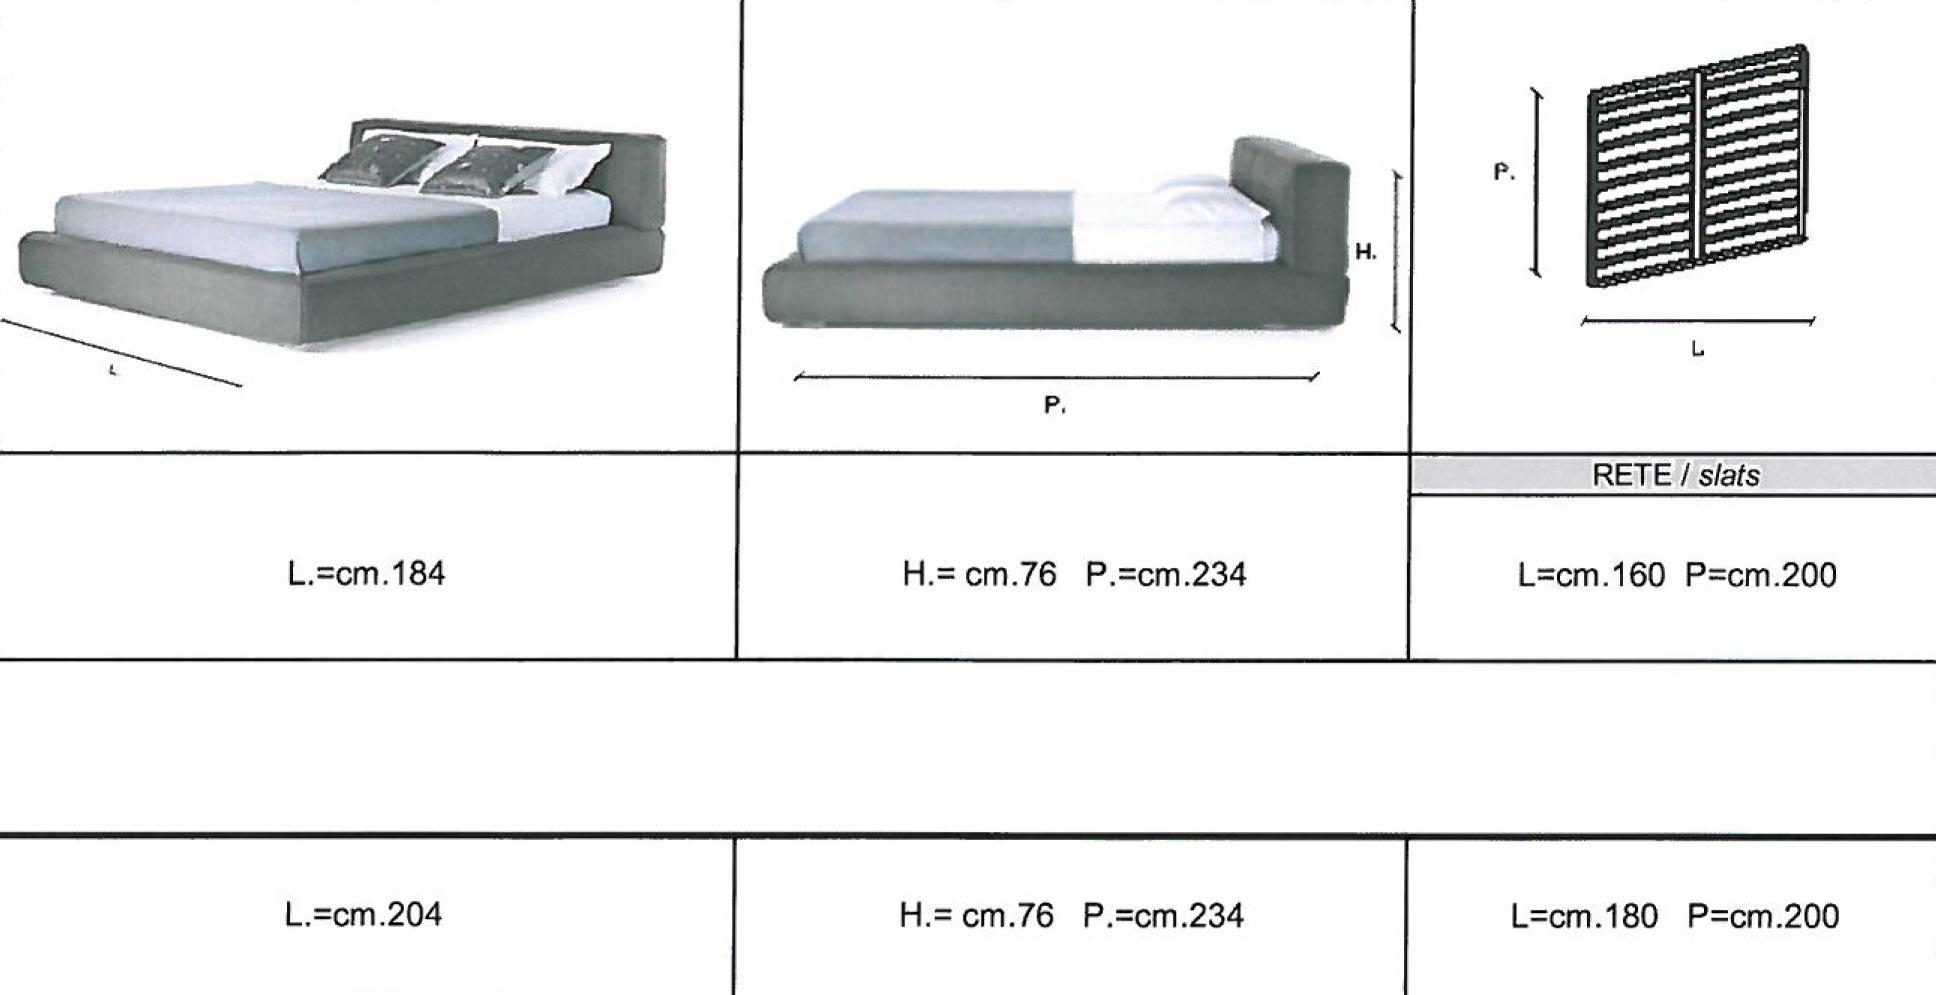 Letto matrimoniale king size misure idee di design per - Grandezza letto matrimoniale ...